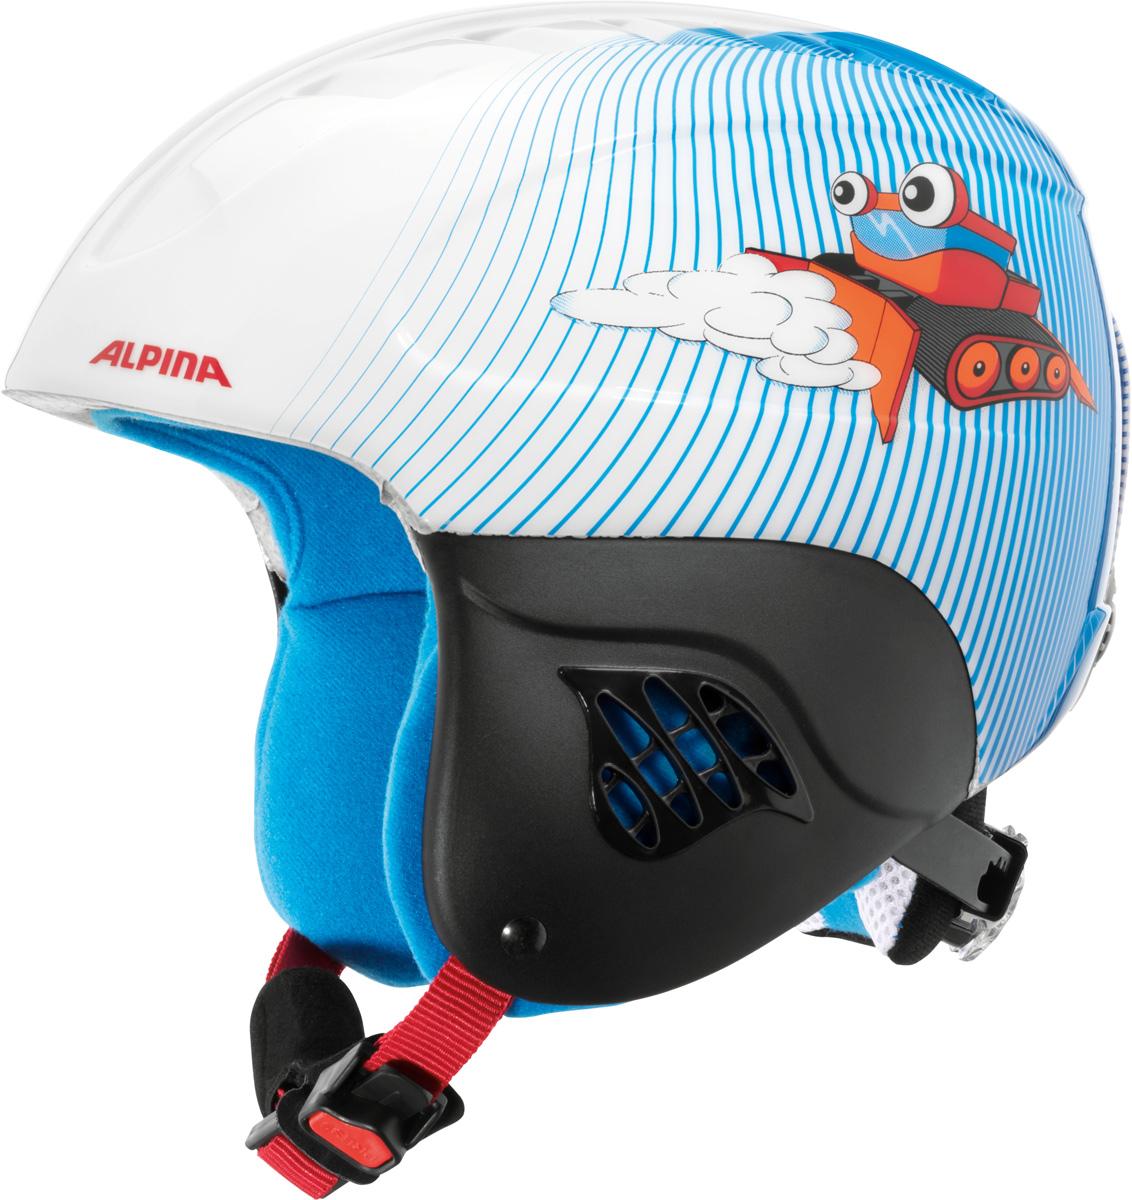 Шлем горнолыжный детский Alpina Carat, цвет: белый, голубой. A9035_88. Размер 48-52 бензопила alpina серия black a 4500 18